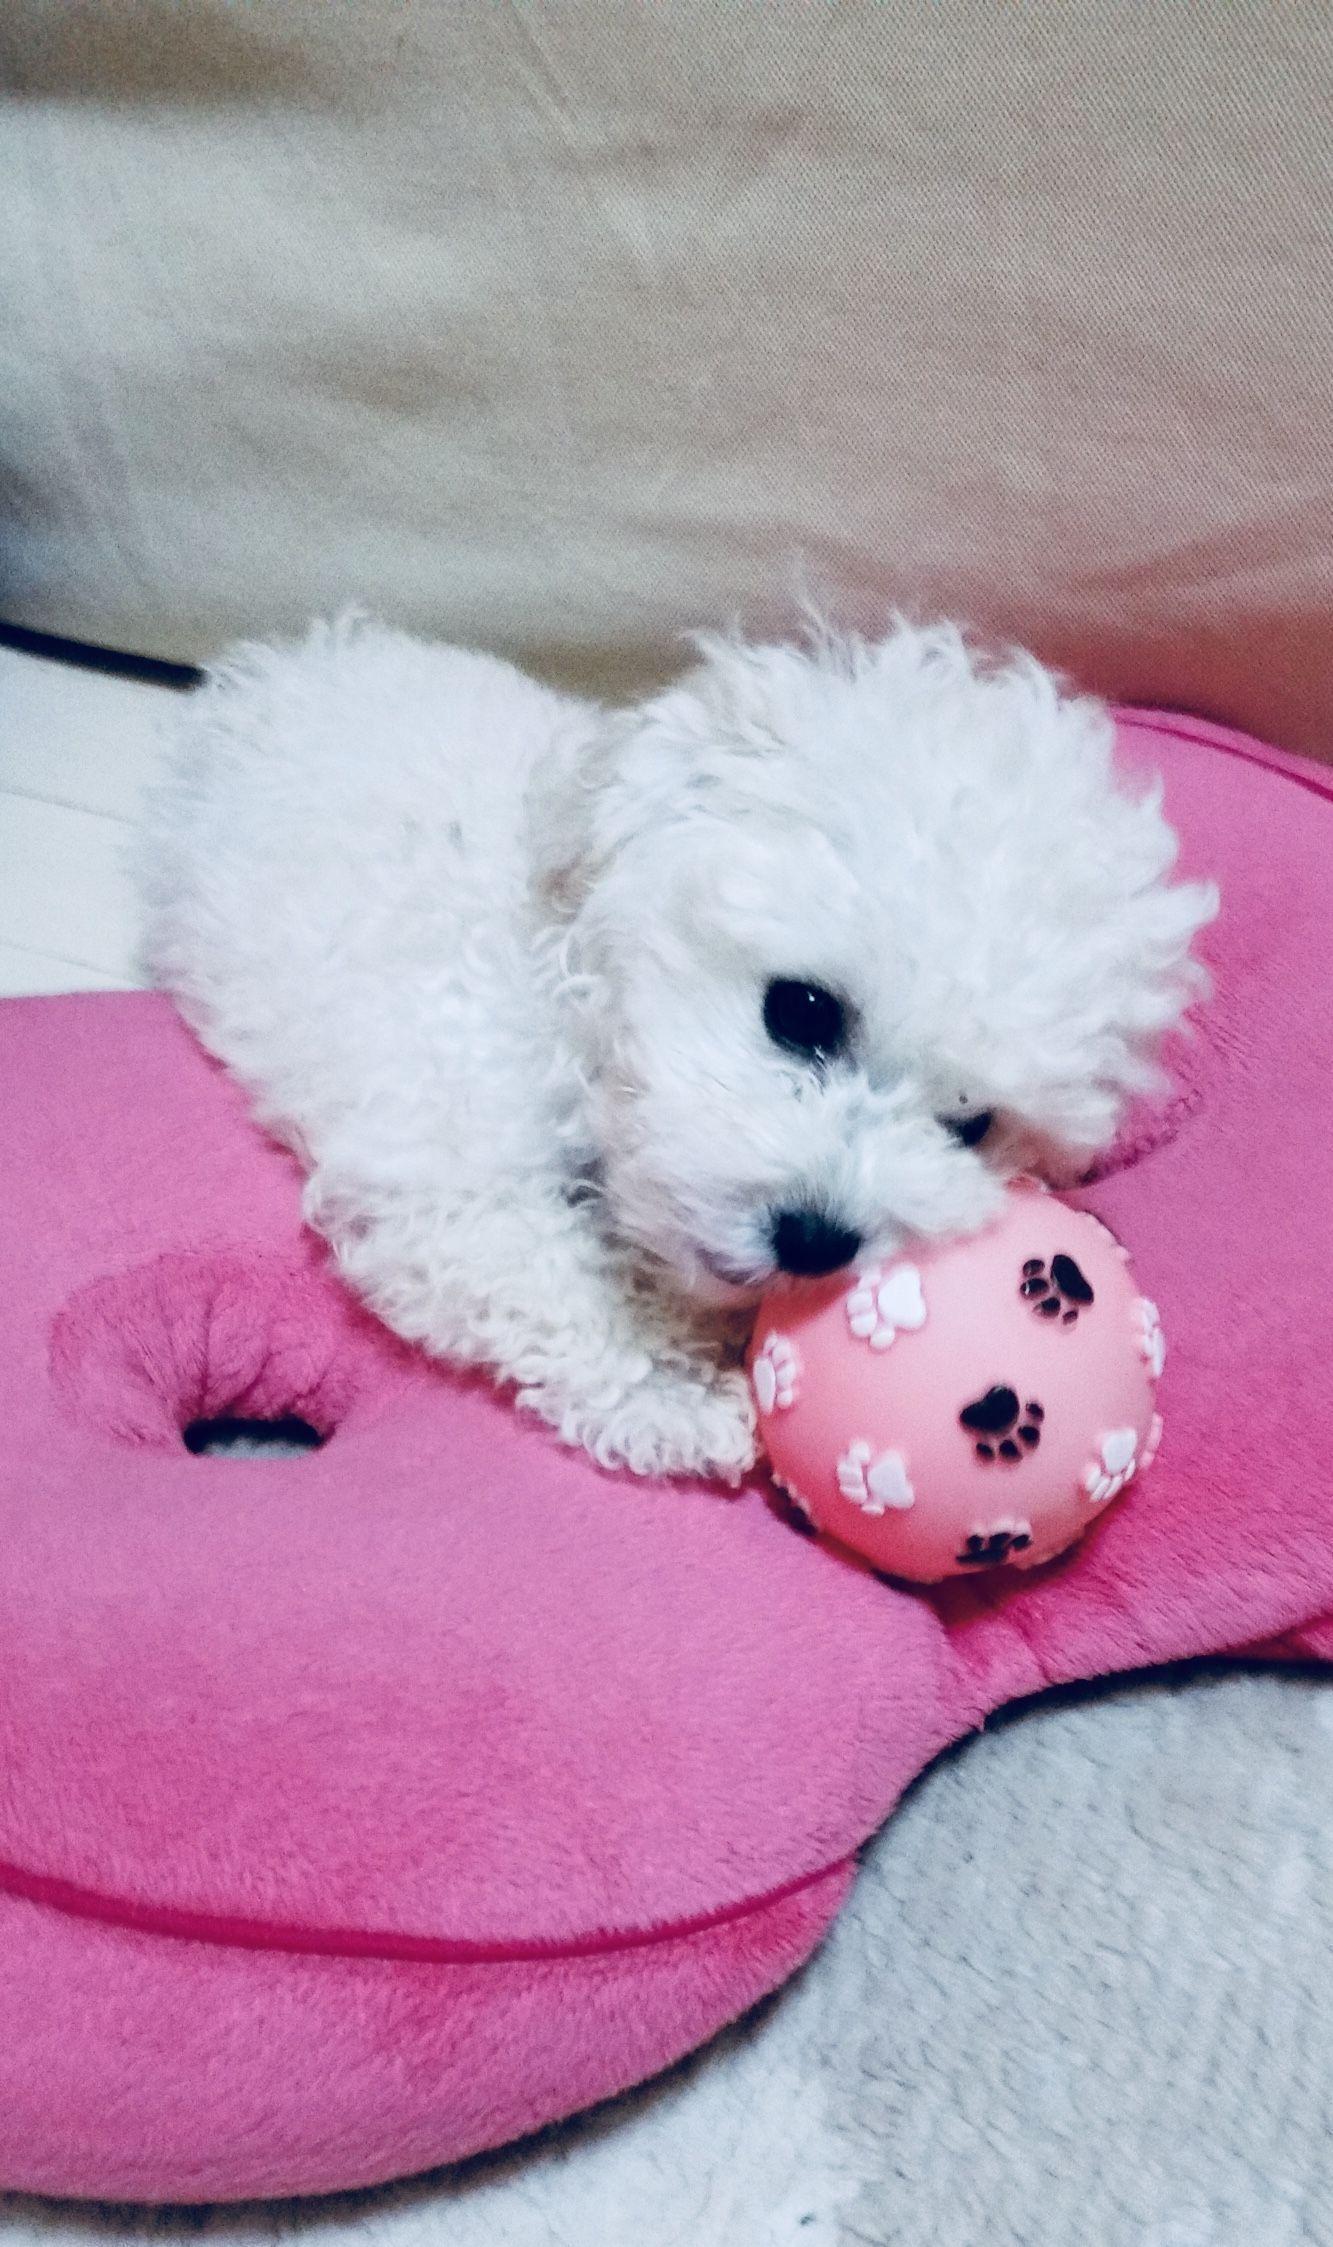 Looks like Petey when he was a puppy maltese Malteser